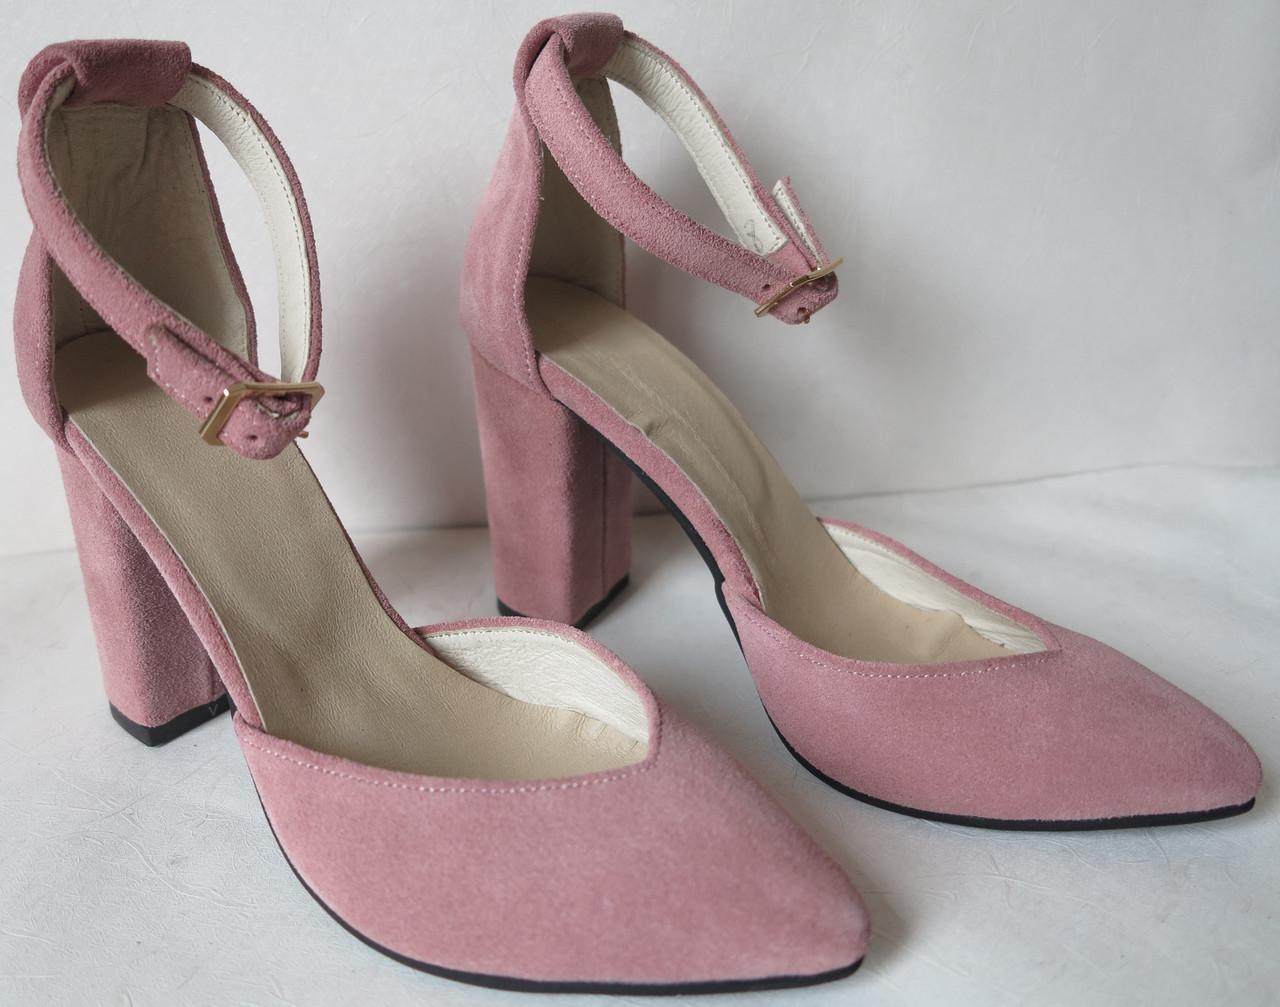 35 р. Туфли женские розовые пудра замшевые на каблуке с ремешком, из натуральной замши, натуральная замша